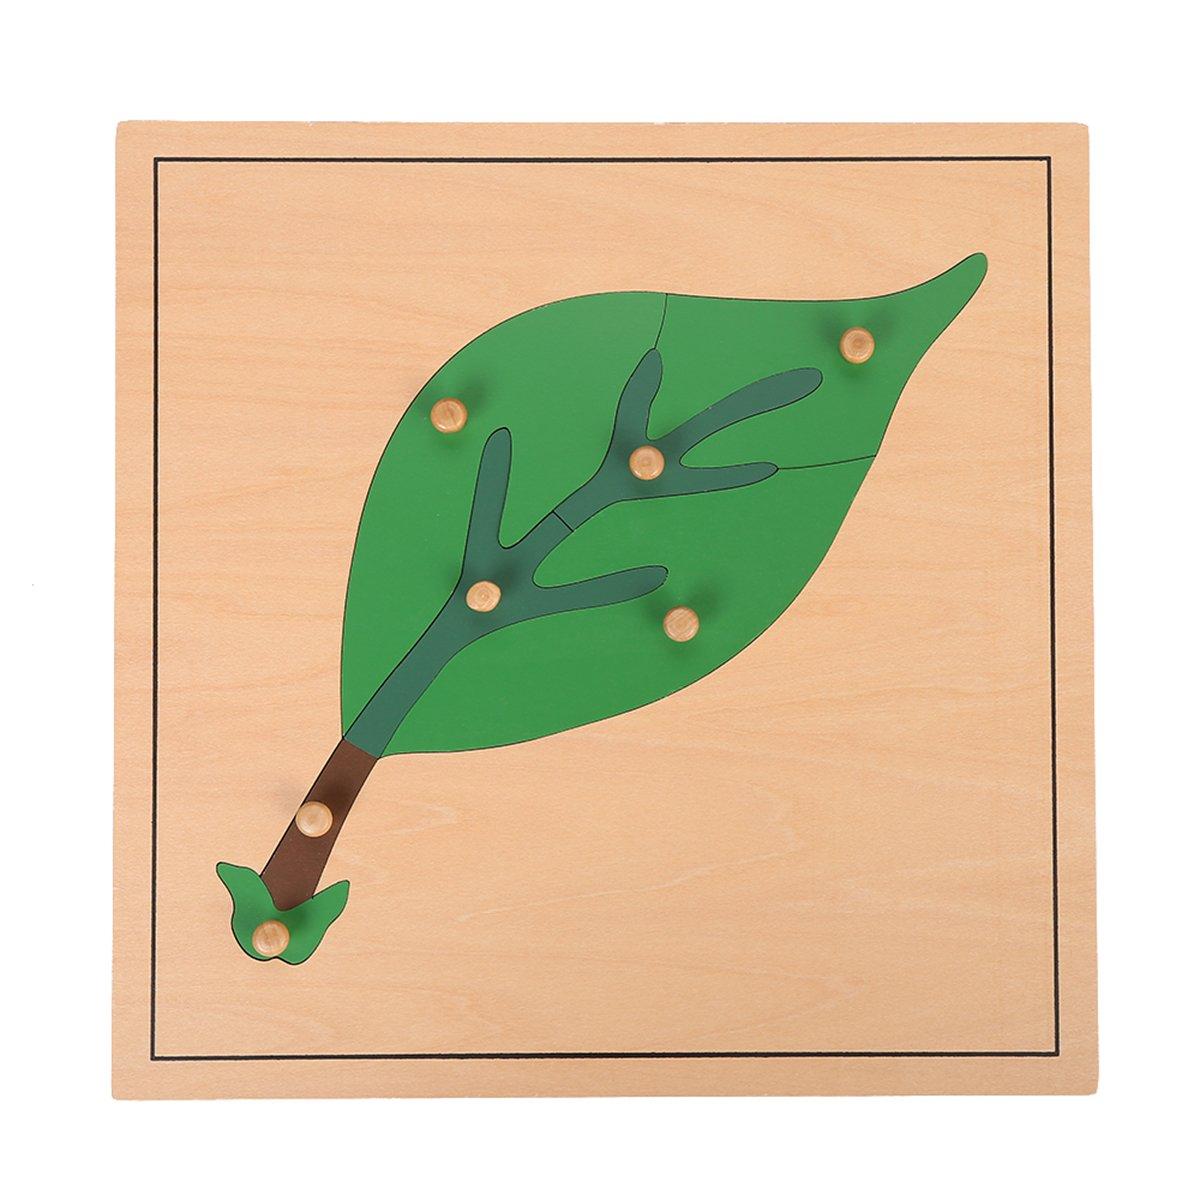 Amazon.com: LEADER JOY Montessori Nature Materials Leaf Puzzle for ...